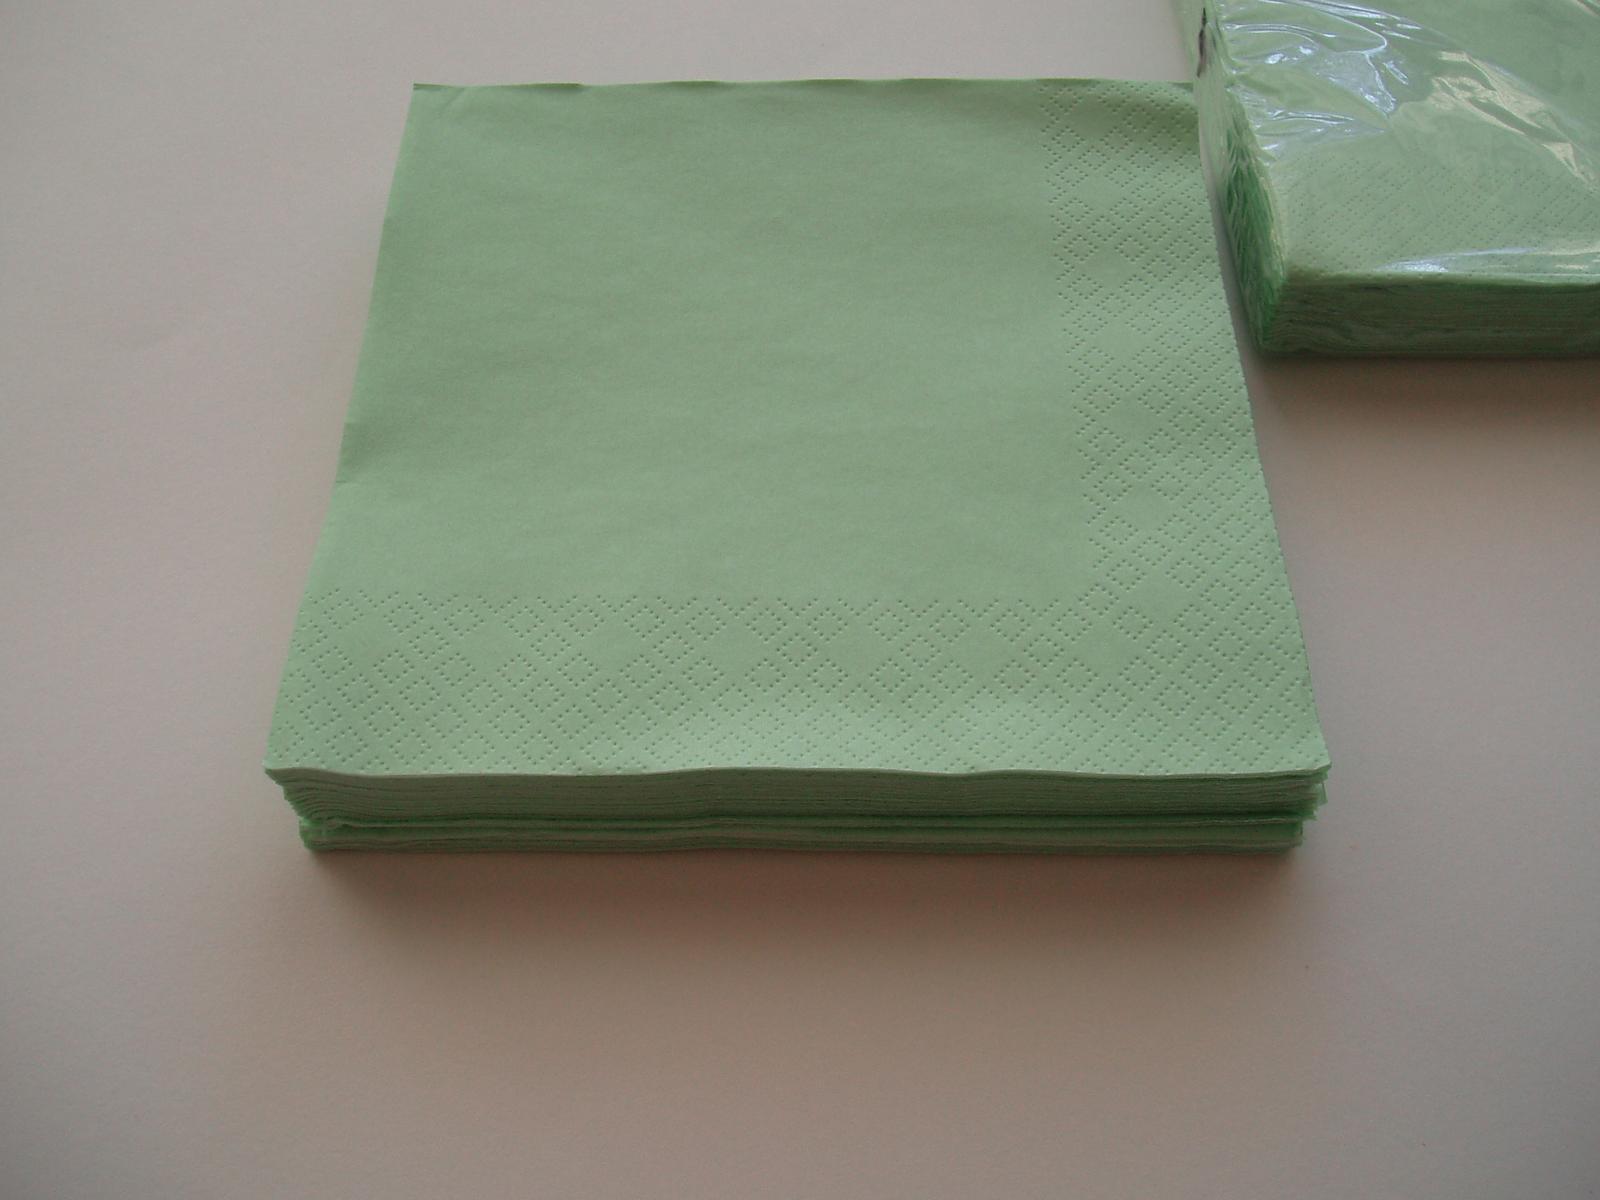 papírové ubrousky-mentolové - Obrázek č. 2